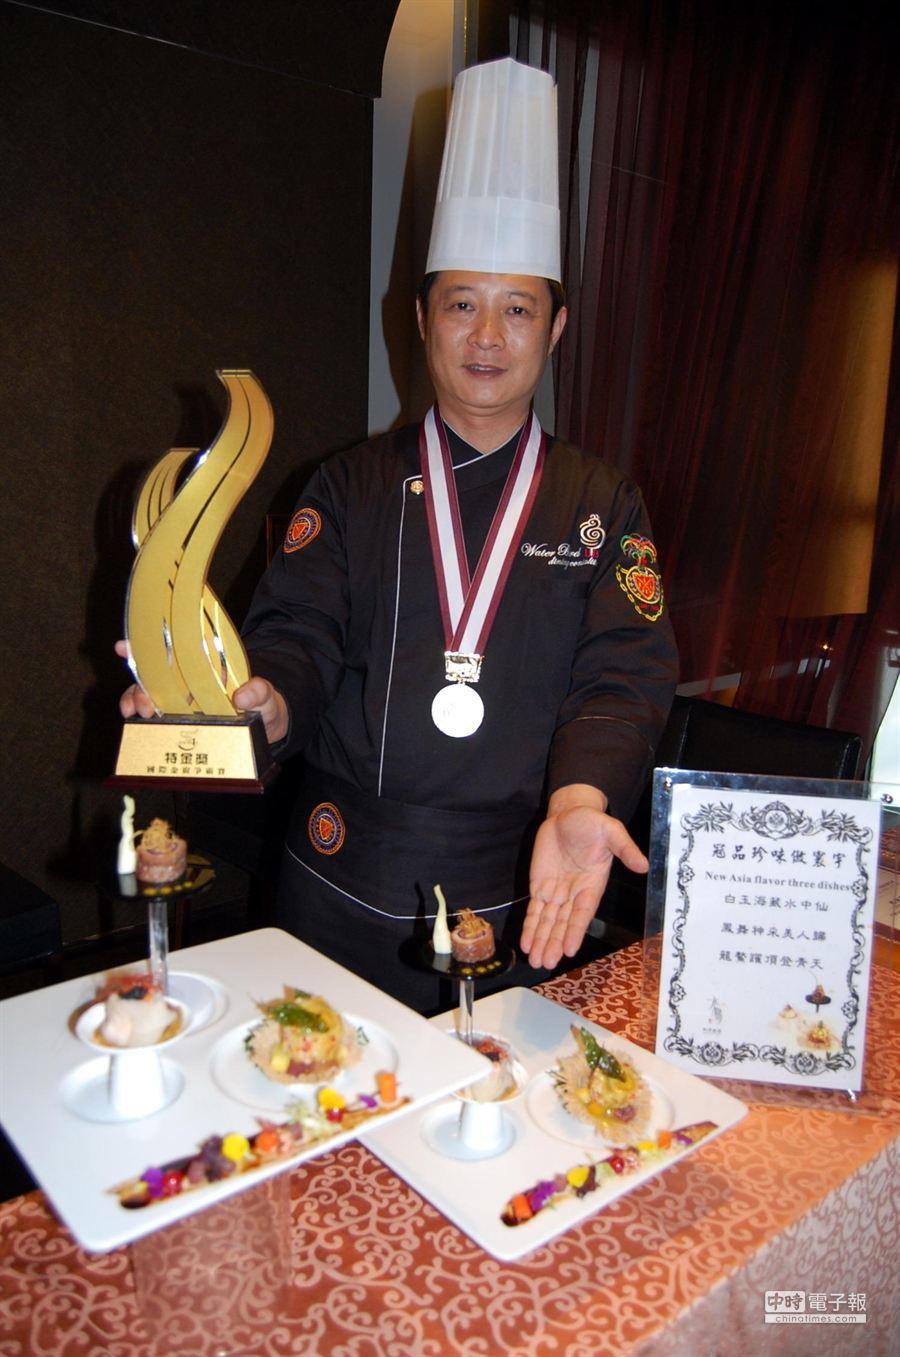 陳冠宇創作新式亞洲料理,贏得馬來西亞國際賽特金獎。(廖素慧攝)